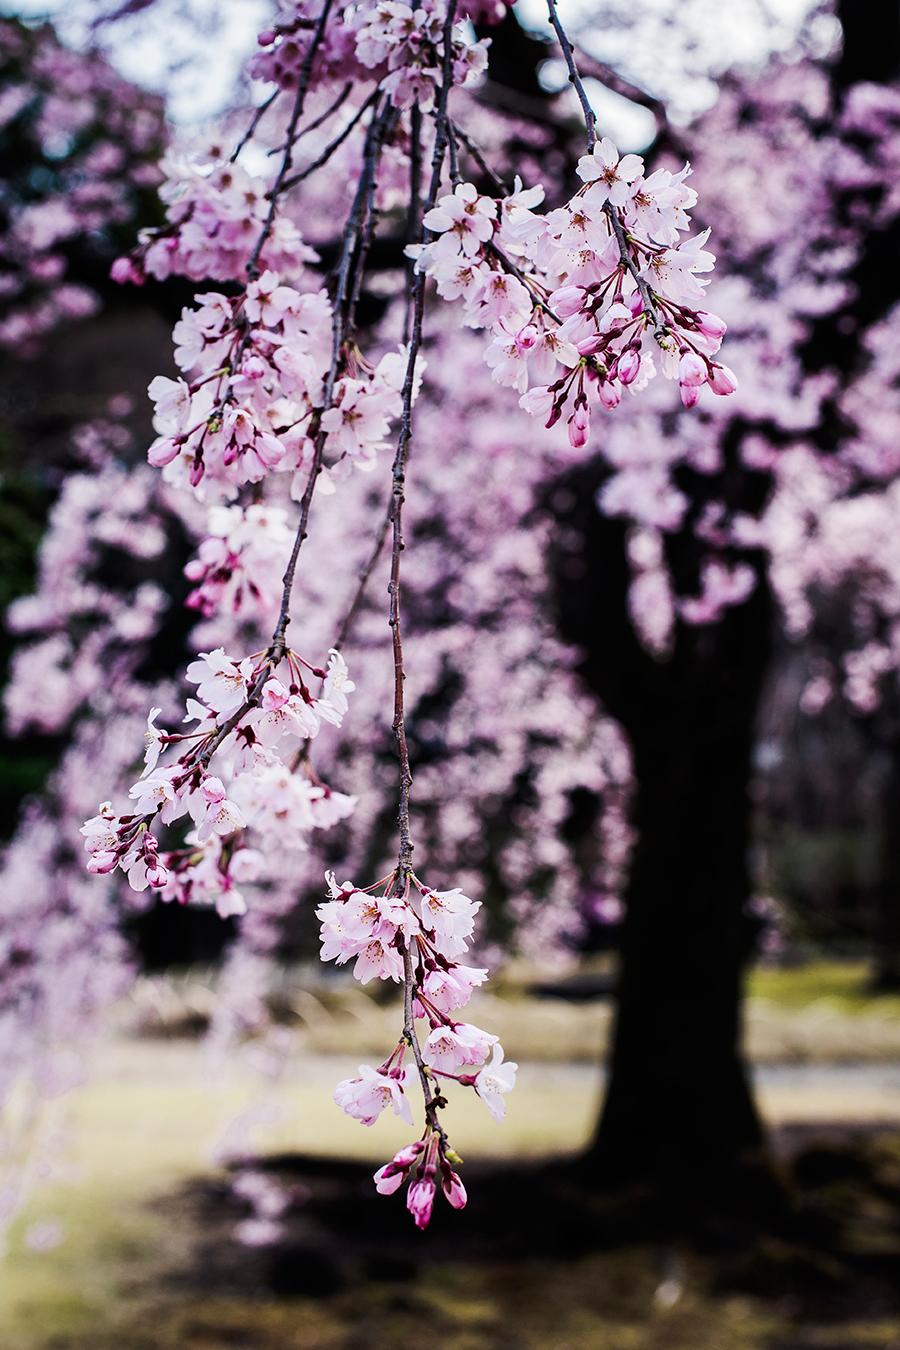 Sakura at Koishikawa Korakuen, Tokyo Japan.